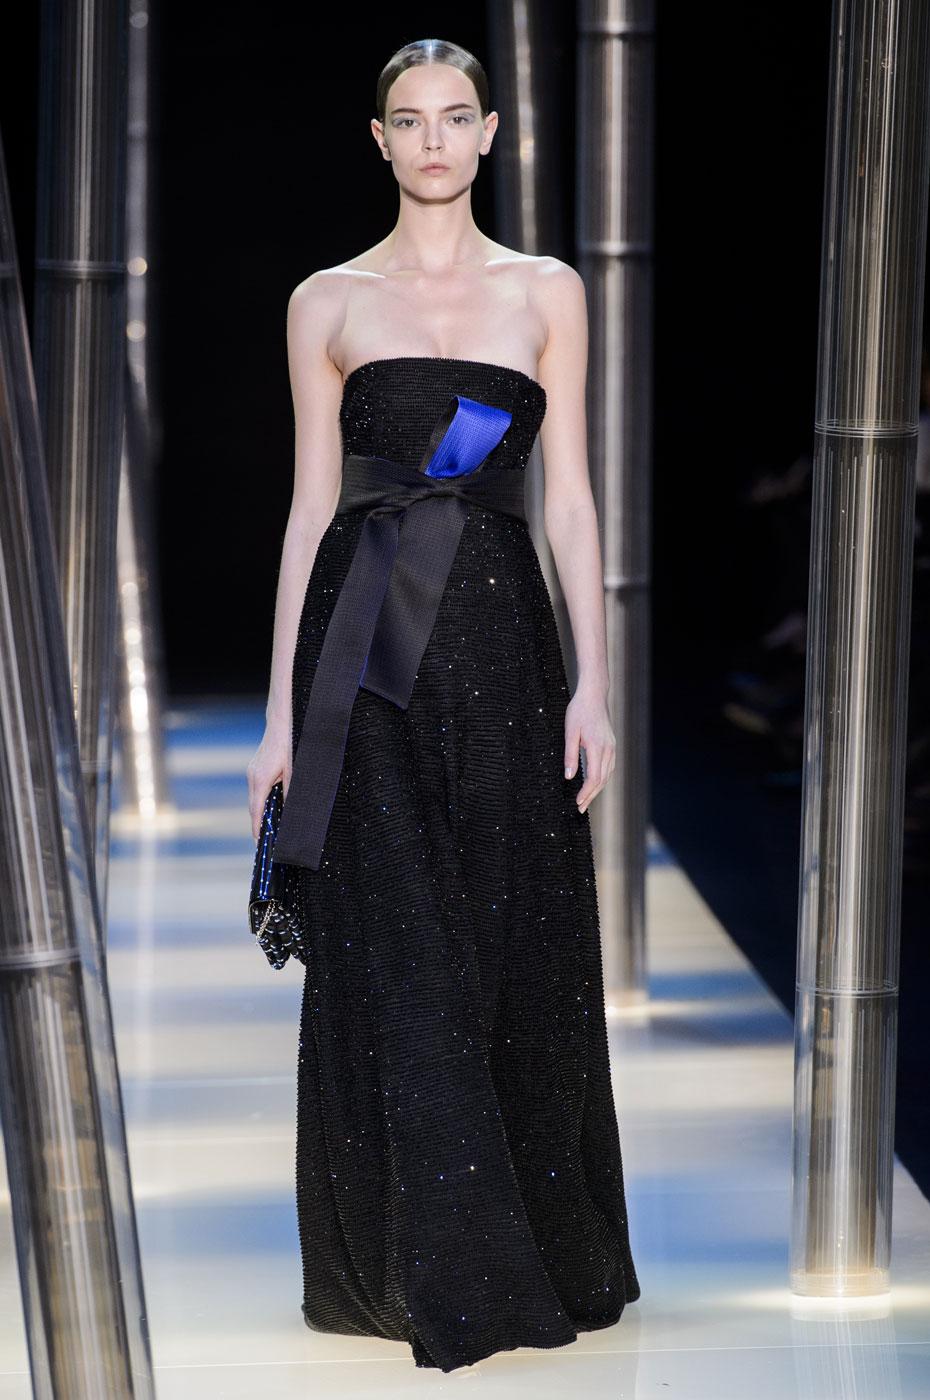 Giorgio-armani-Prive-fashion-runway-show-haute-couture-paris-spring-2015-the-impression-139